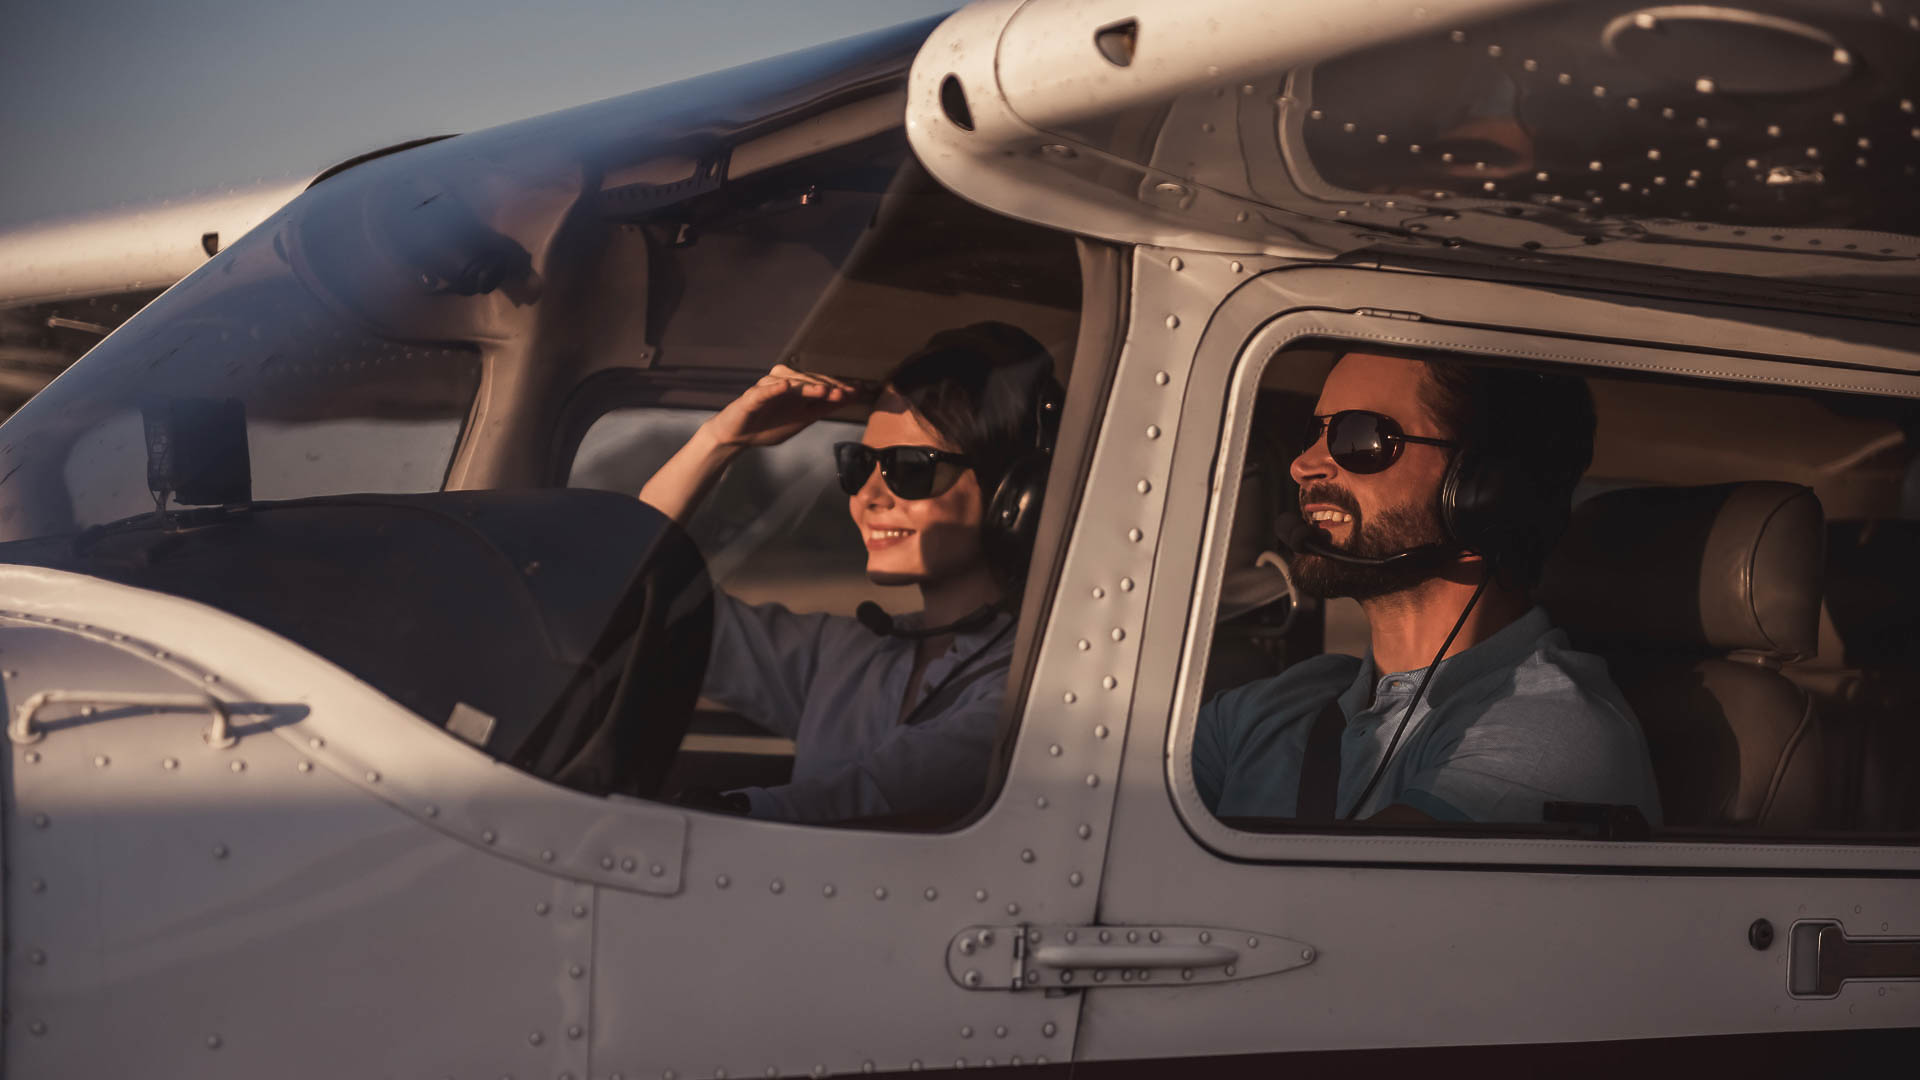 Учебный полет на самолете для двоих